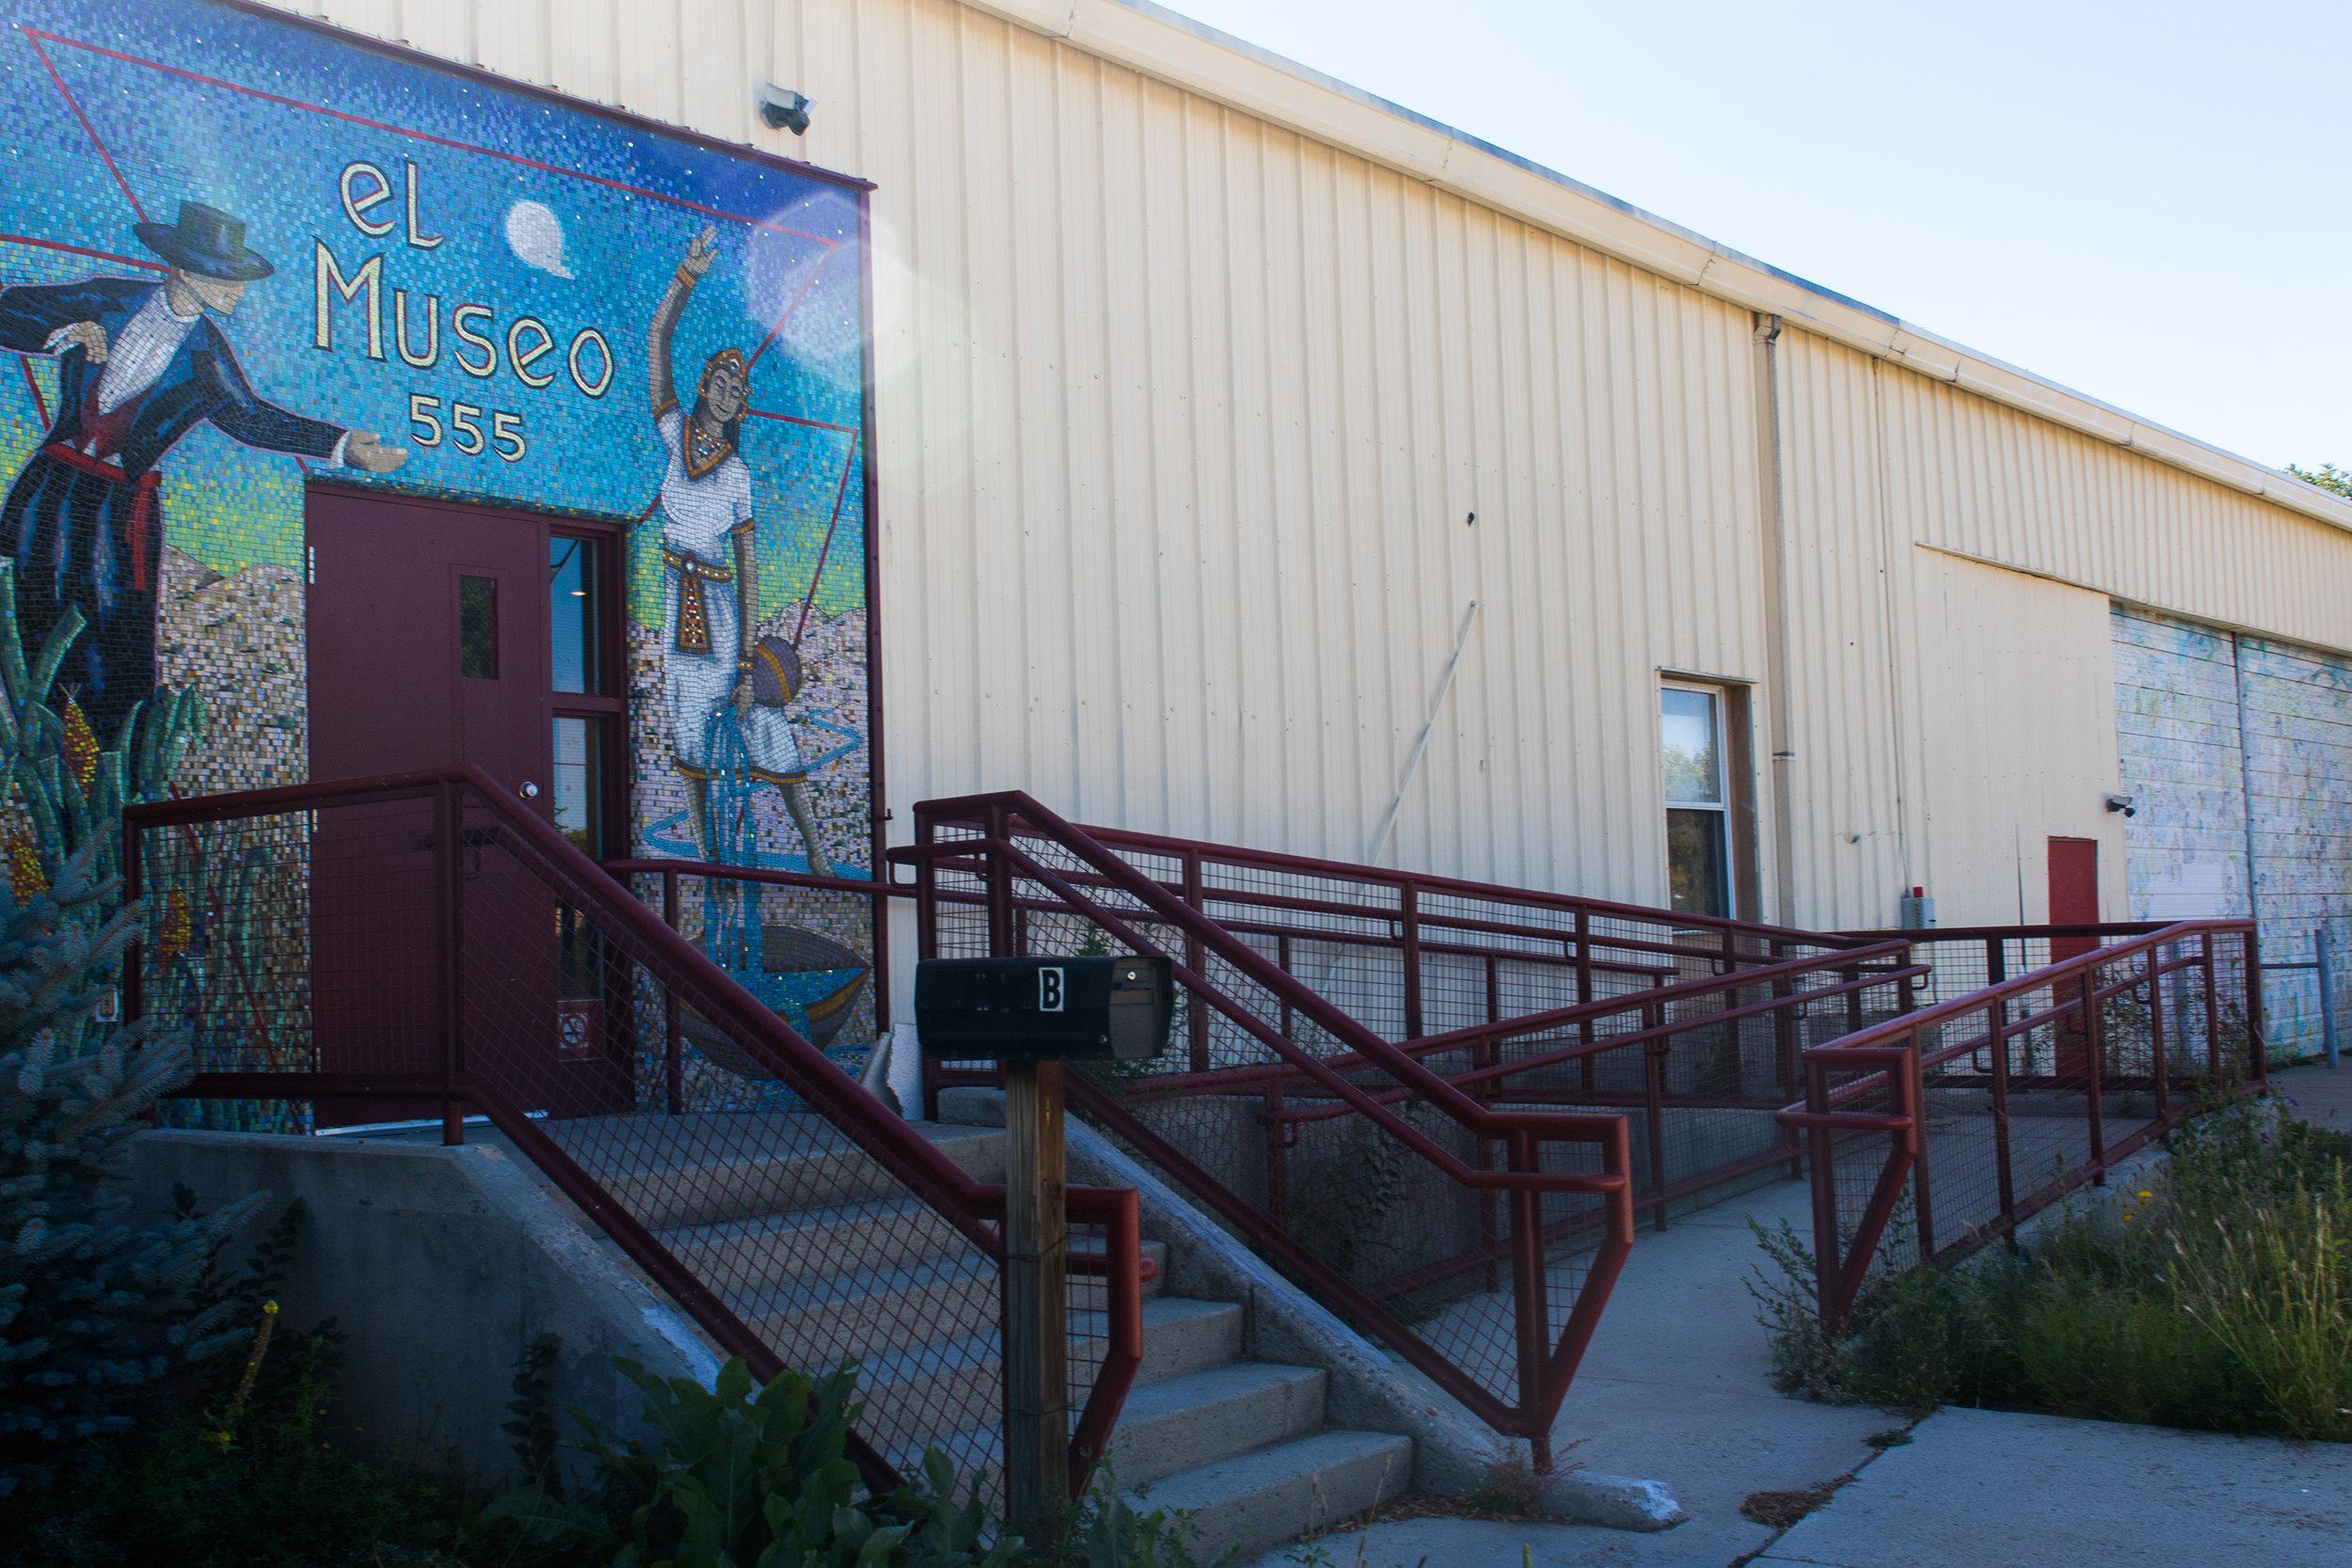 El Museo Front Entrance